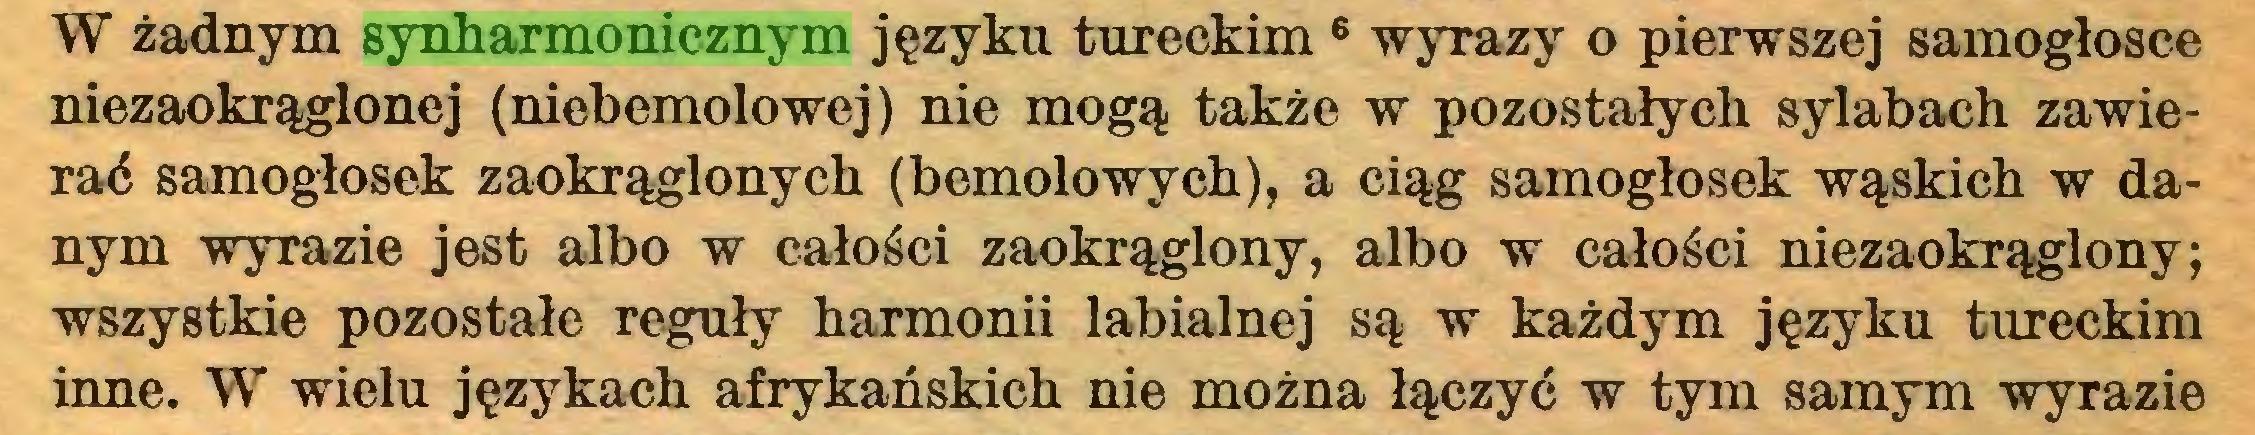 (...) W żadnym synharmonicznym języku tureckim 6 wyrazy o pierwszej samogłosce niezaokrąglonej (niebemolowej) nie mogą także w pozostałych sylabach zawierać samogłosek zaokrąglonych (bemolowych), a ciąg samogłosek wąskich w danym wyTazie jest albo w całości zaokrąglony, albo w całości niezaokrąglony; wszystkie pozostałe reguły harmonii labialnej są w każdym języku tureckim inne. W wielu językach afrykańskich nie można łączyć w tym samym wyrazie...